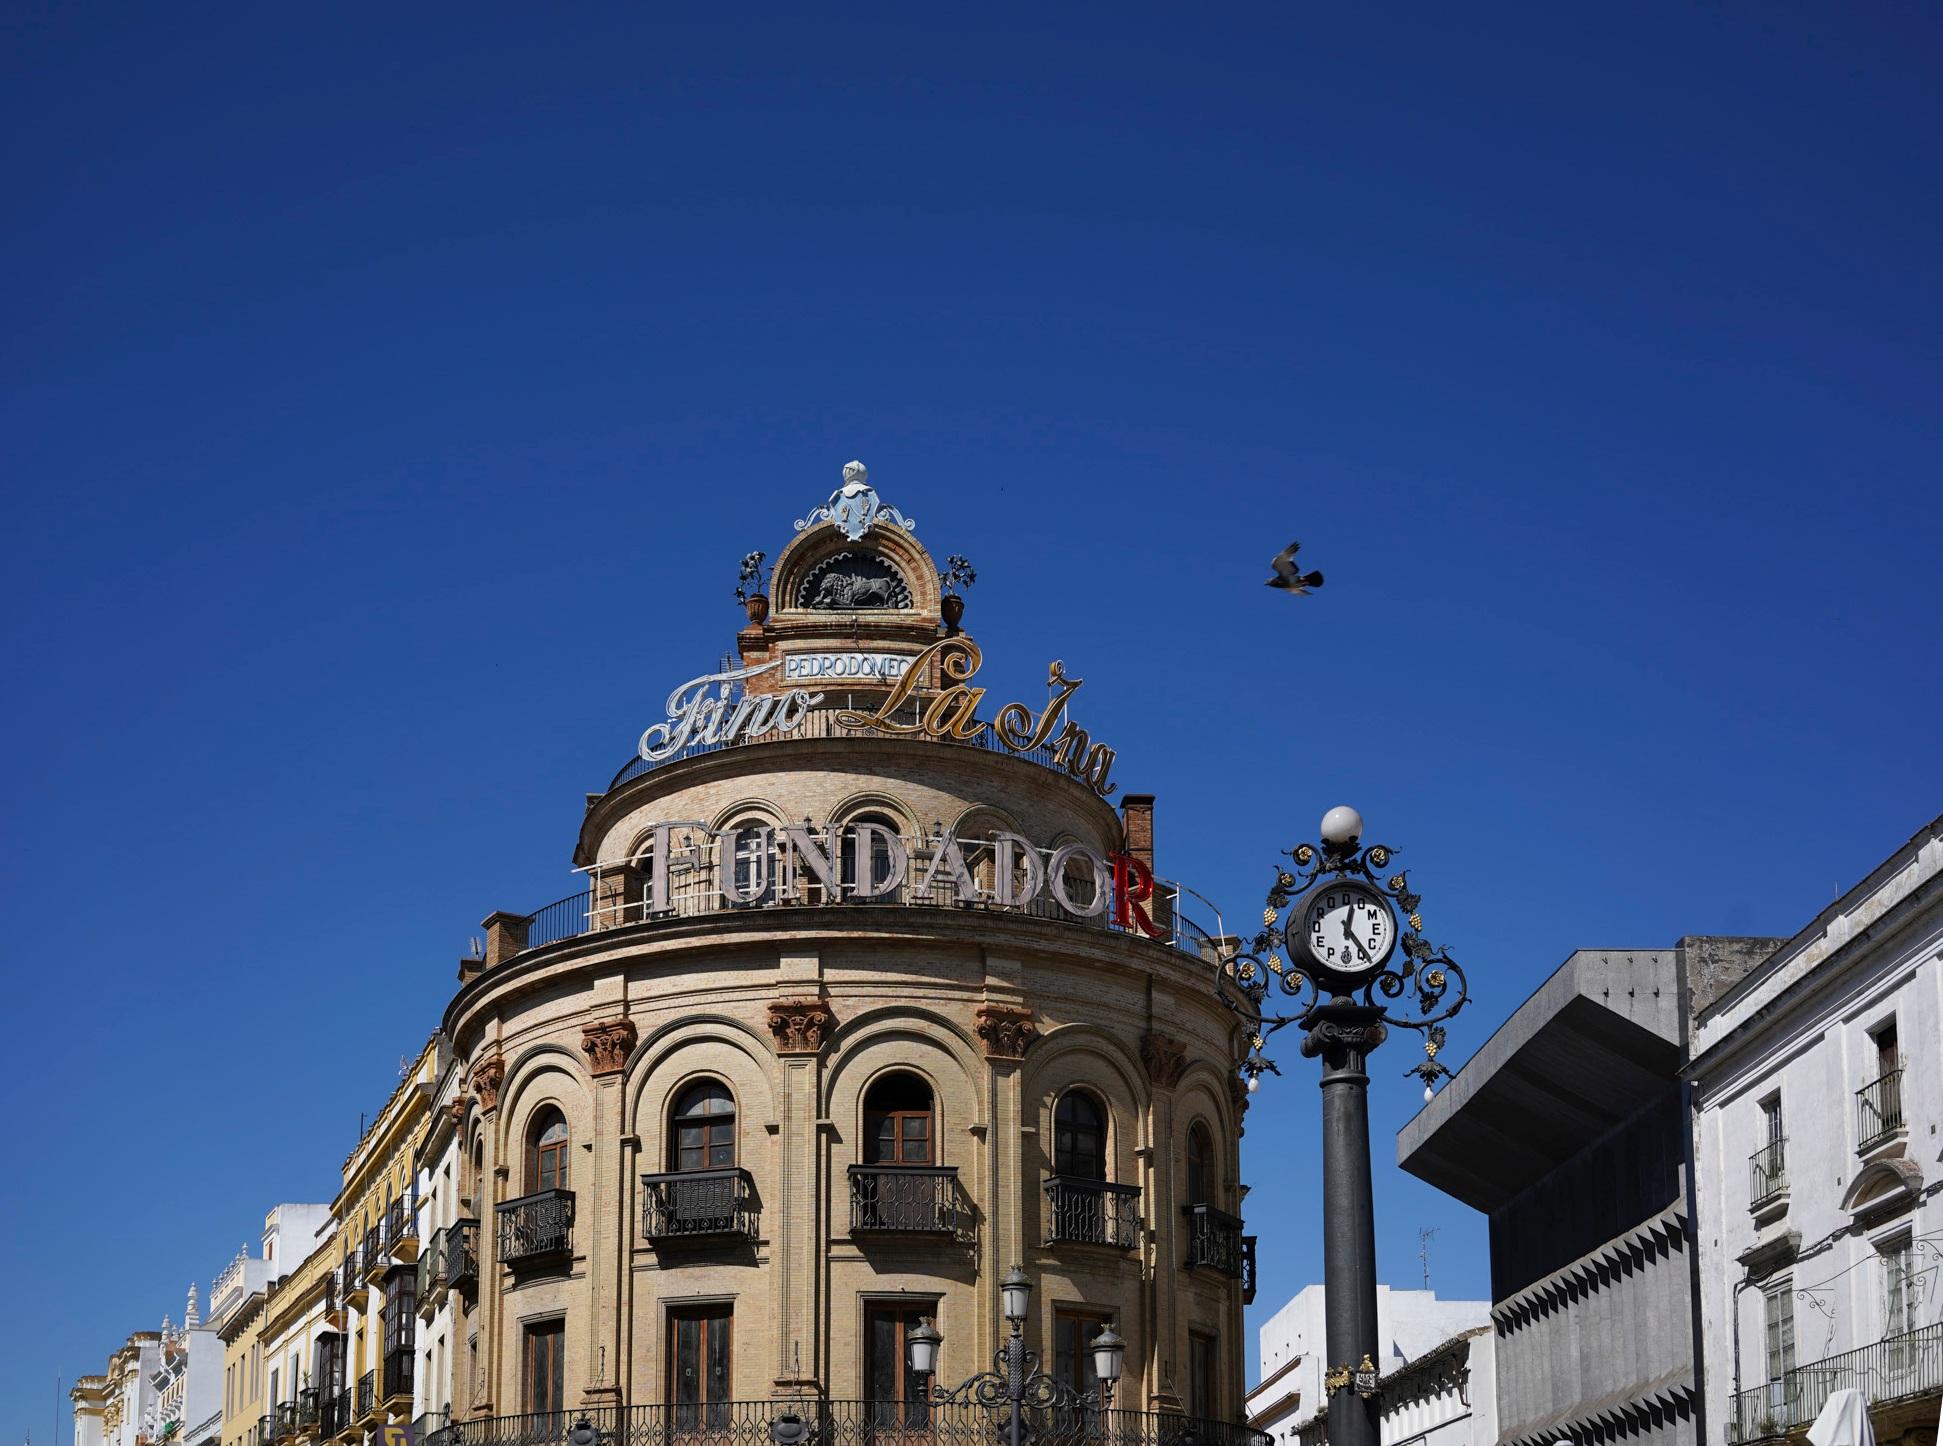 CaballeroCosmica-Jerez-16.jpg